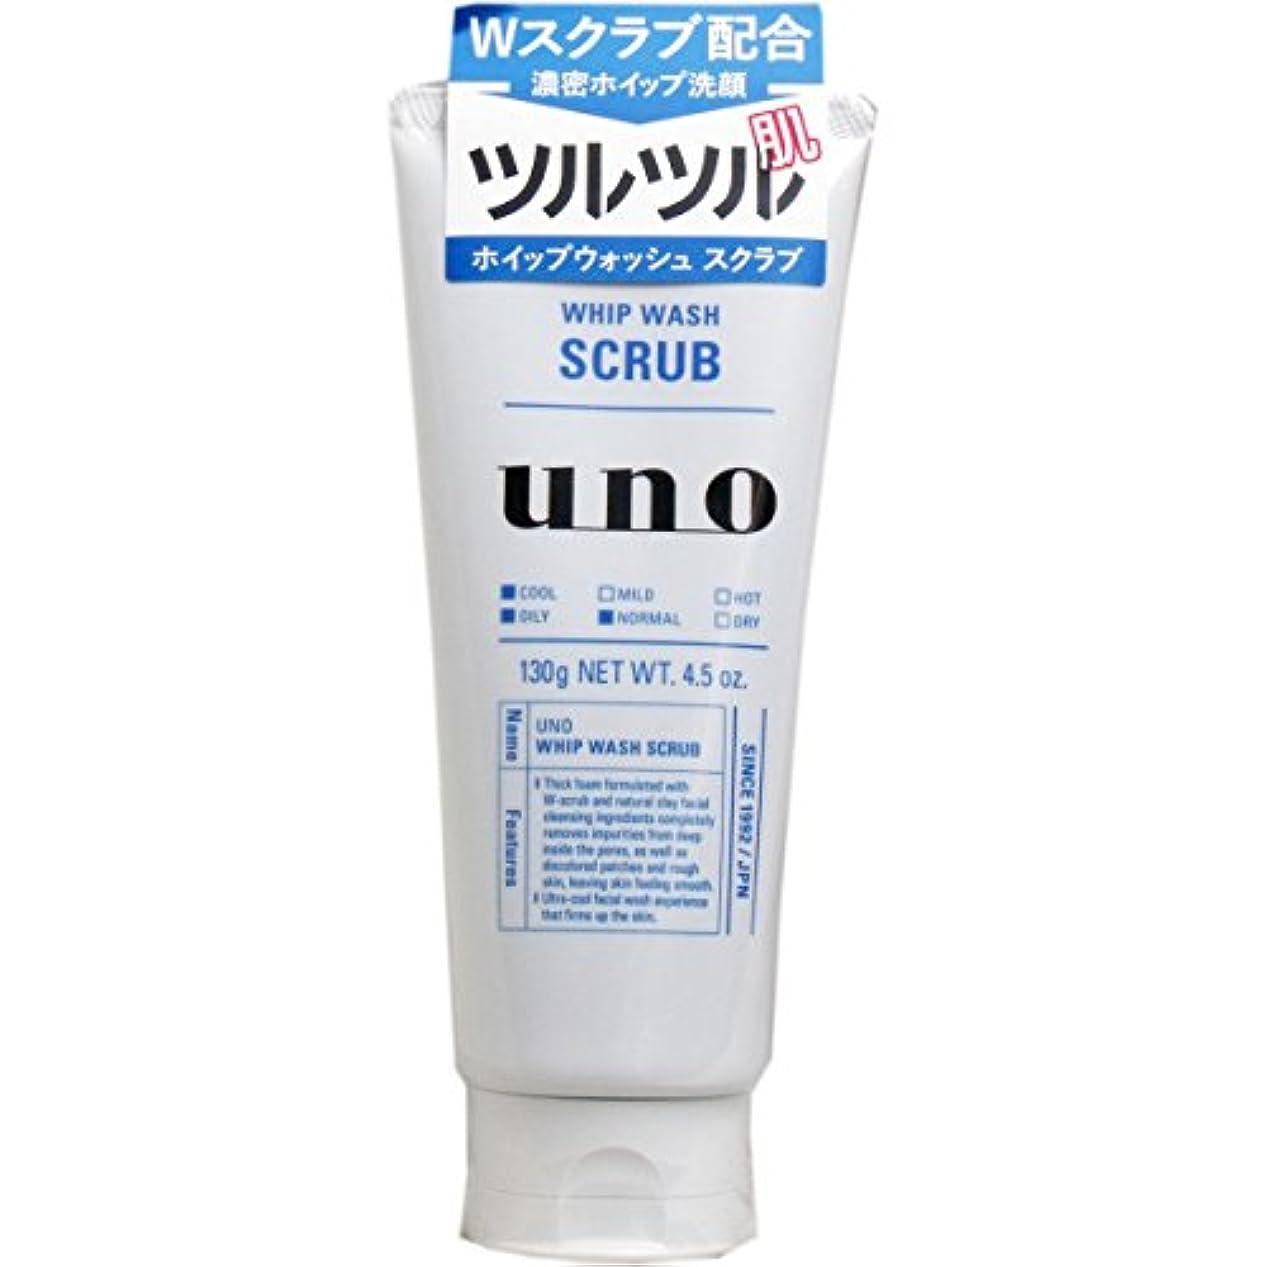 前提条件練習した非効率的な【資生堂】ウーノ(uno) ホイップウォッシュ (モイスト) 130g ×3個セット